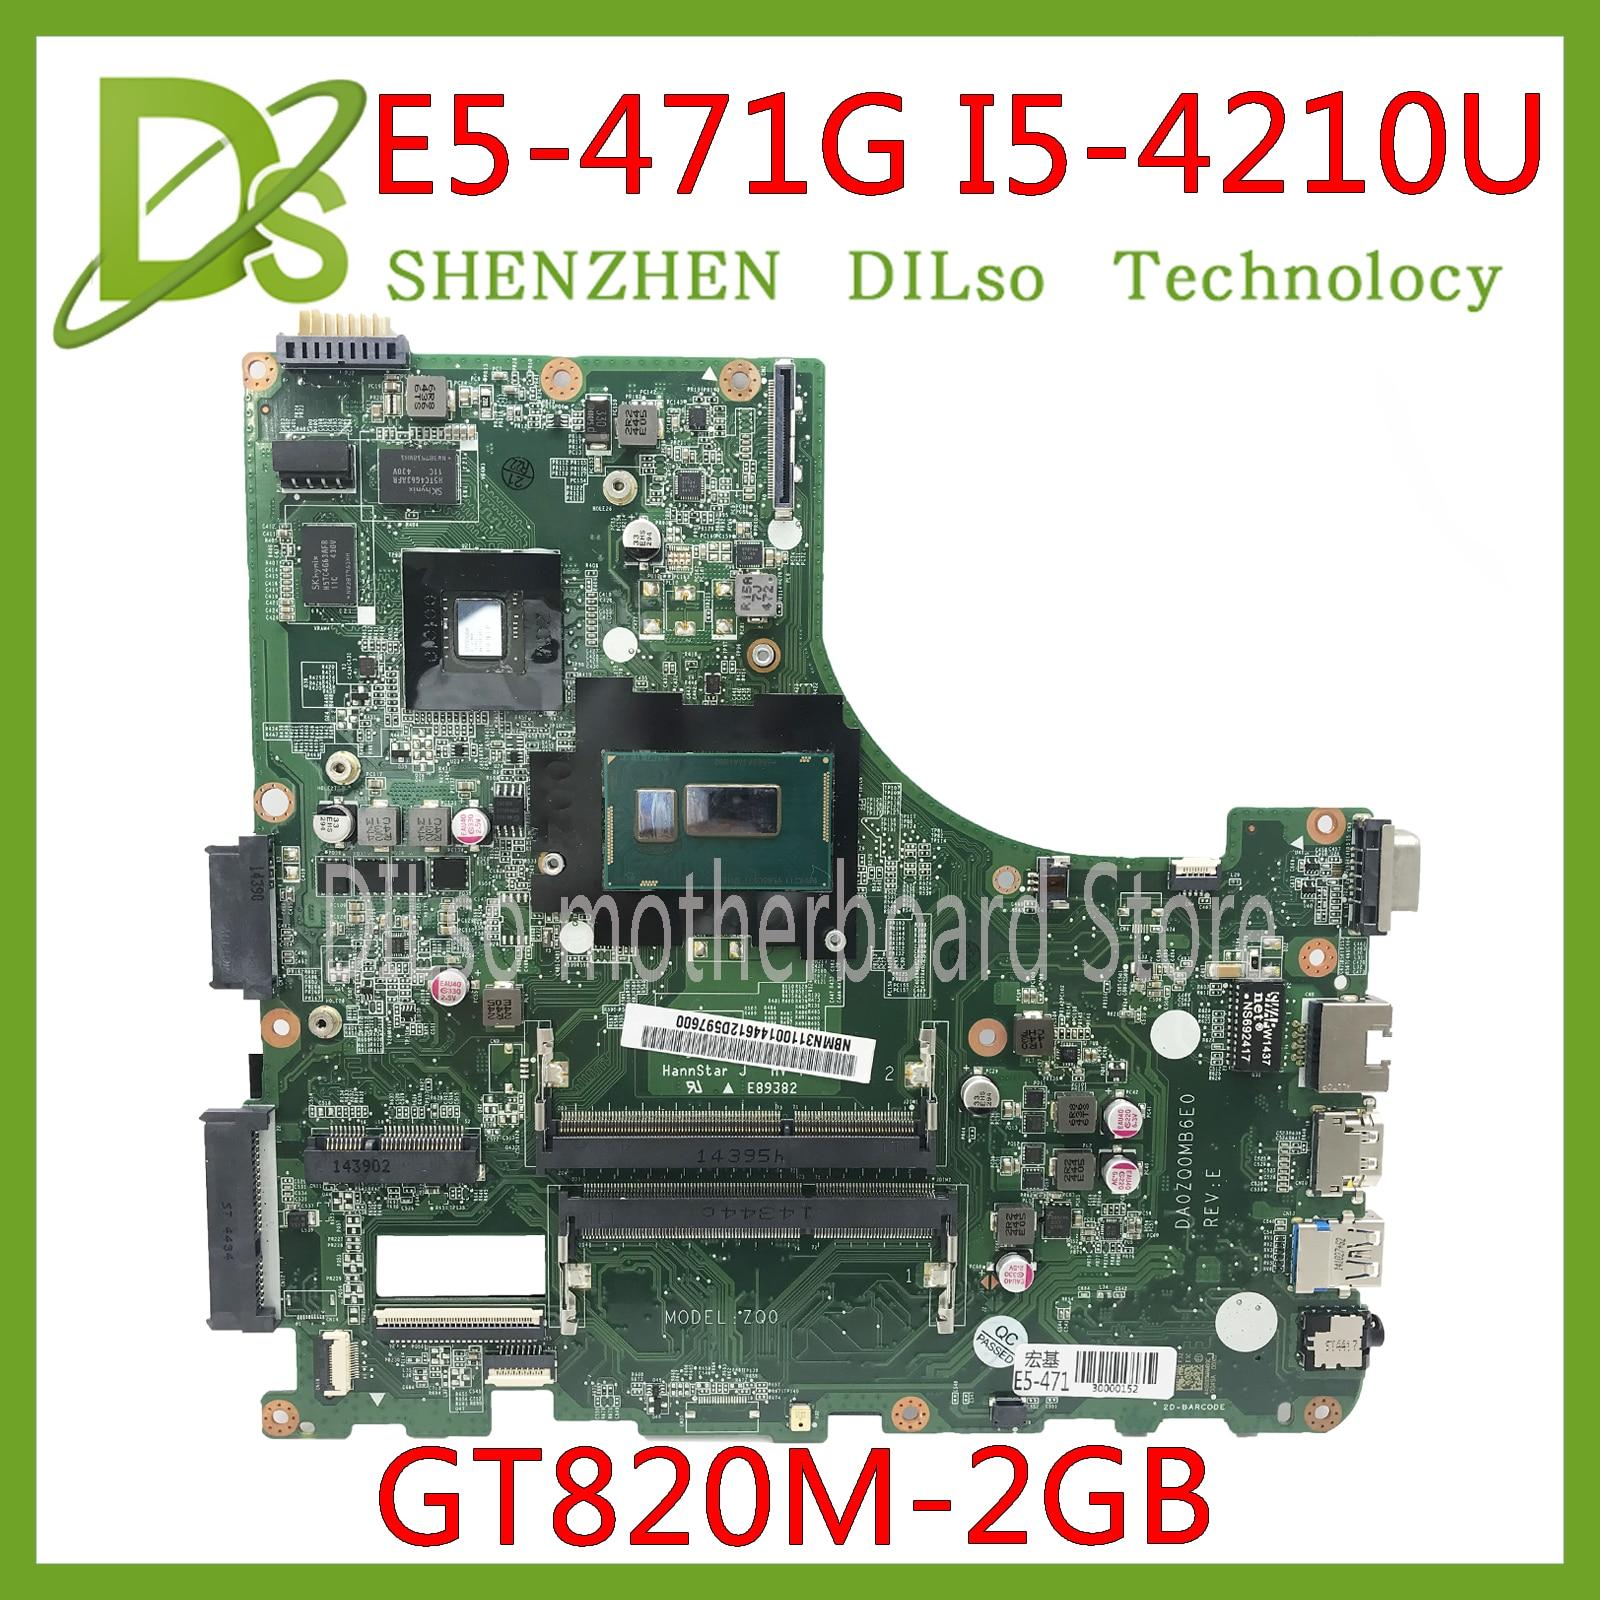 KEFU DA0ZQ0MB6E0 For Acer Aspire E5-471 E5-471G V3-472P Laptop Motherboard I5-4210U CPU With GT820M GPU Original Mainboard